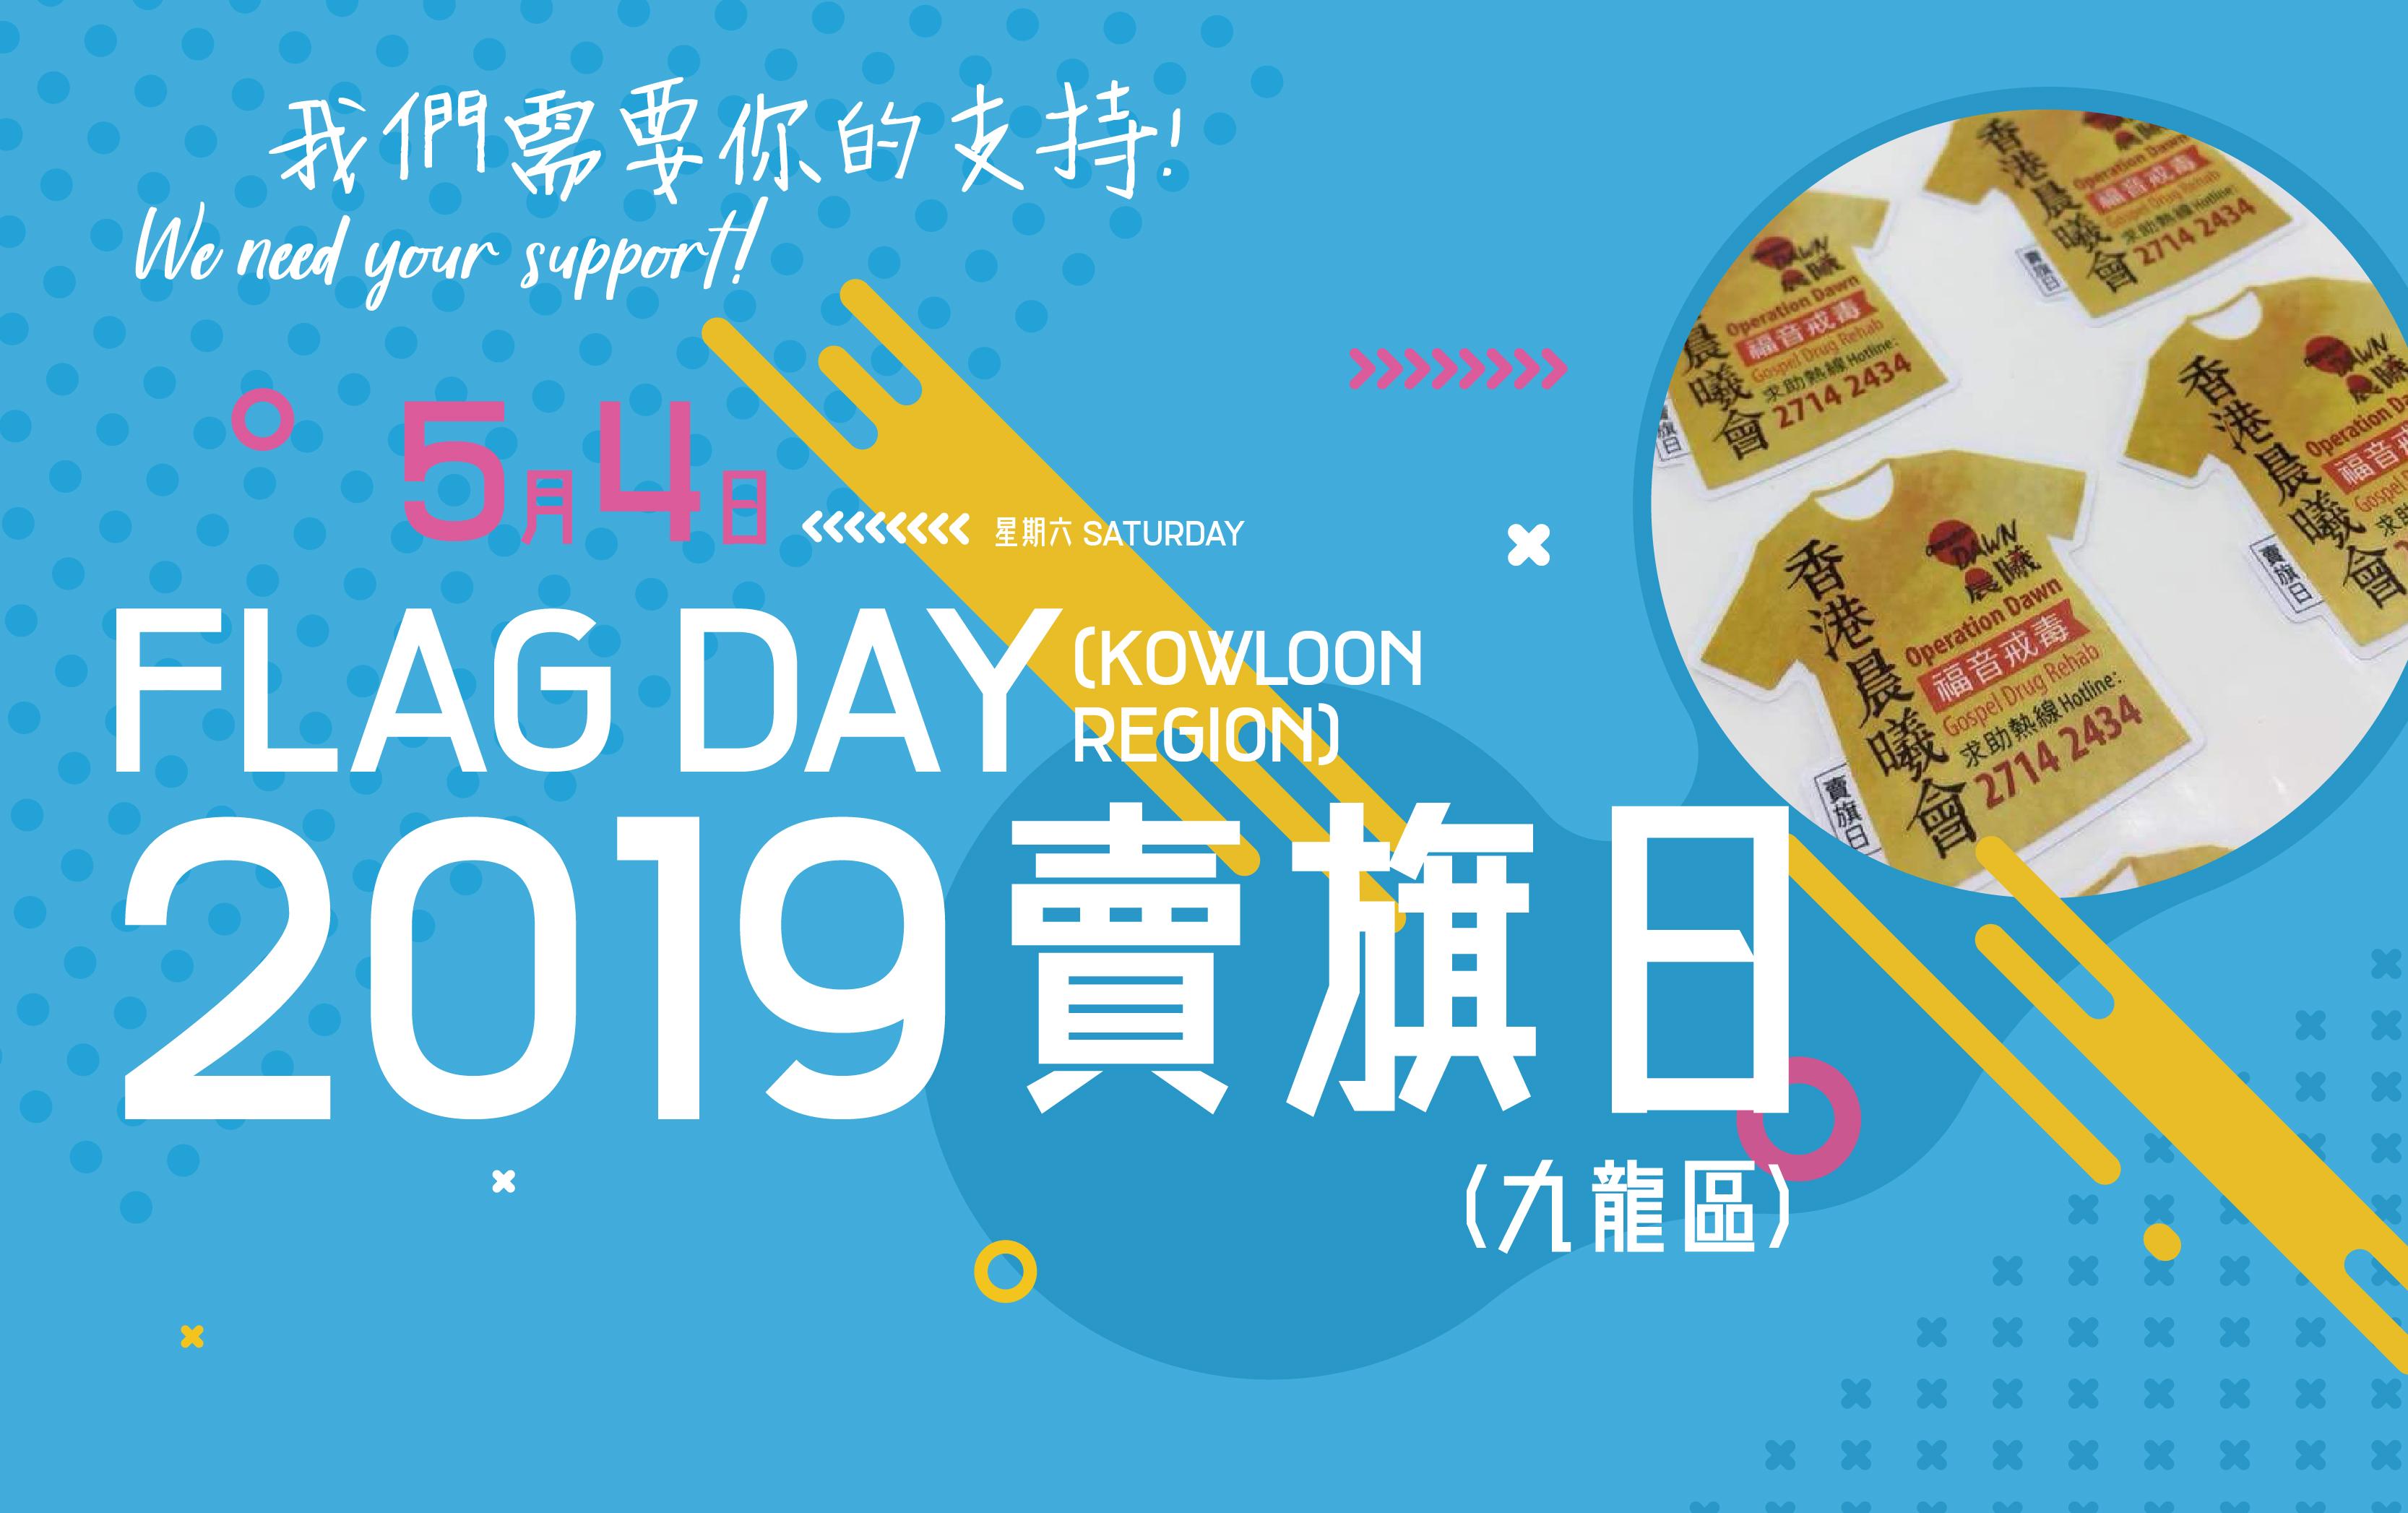 2019年九龍區賣旗日